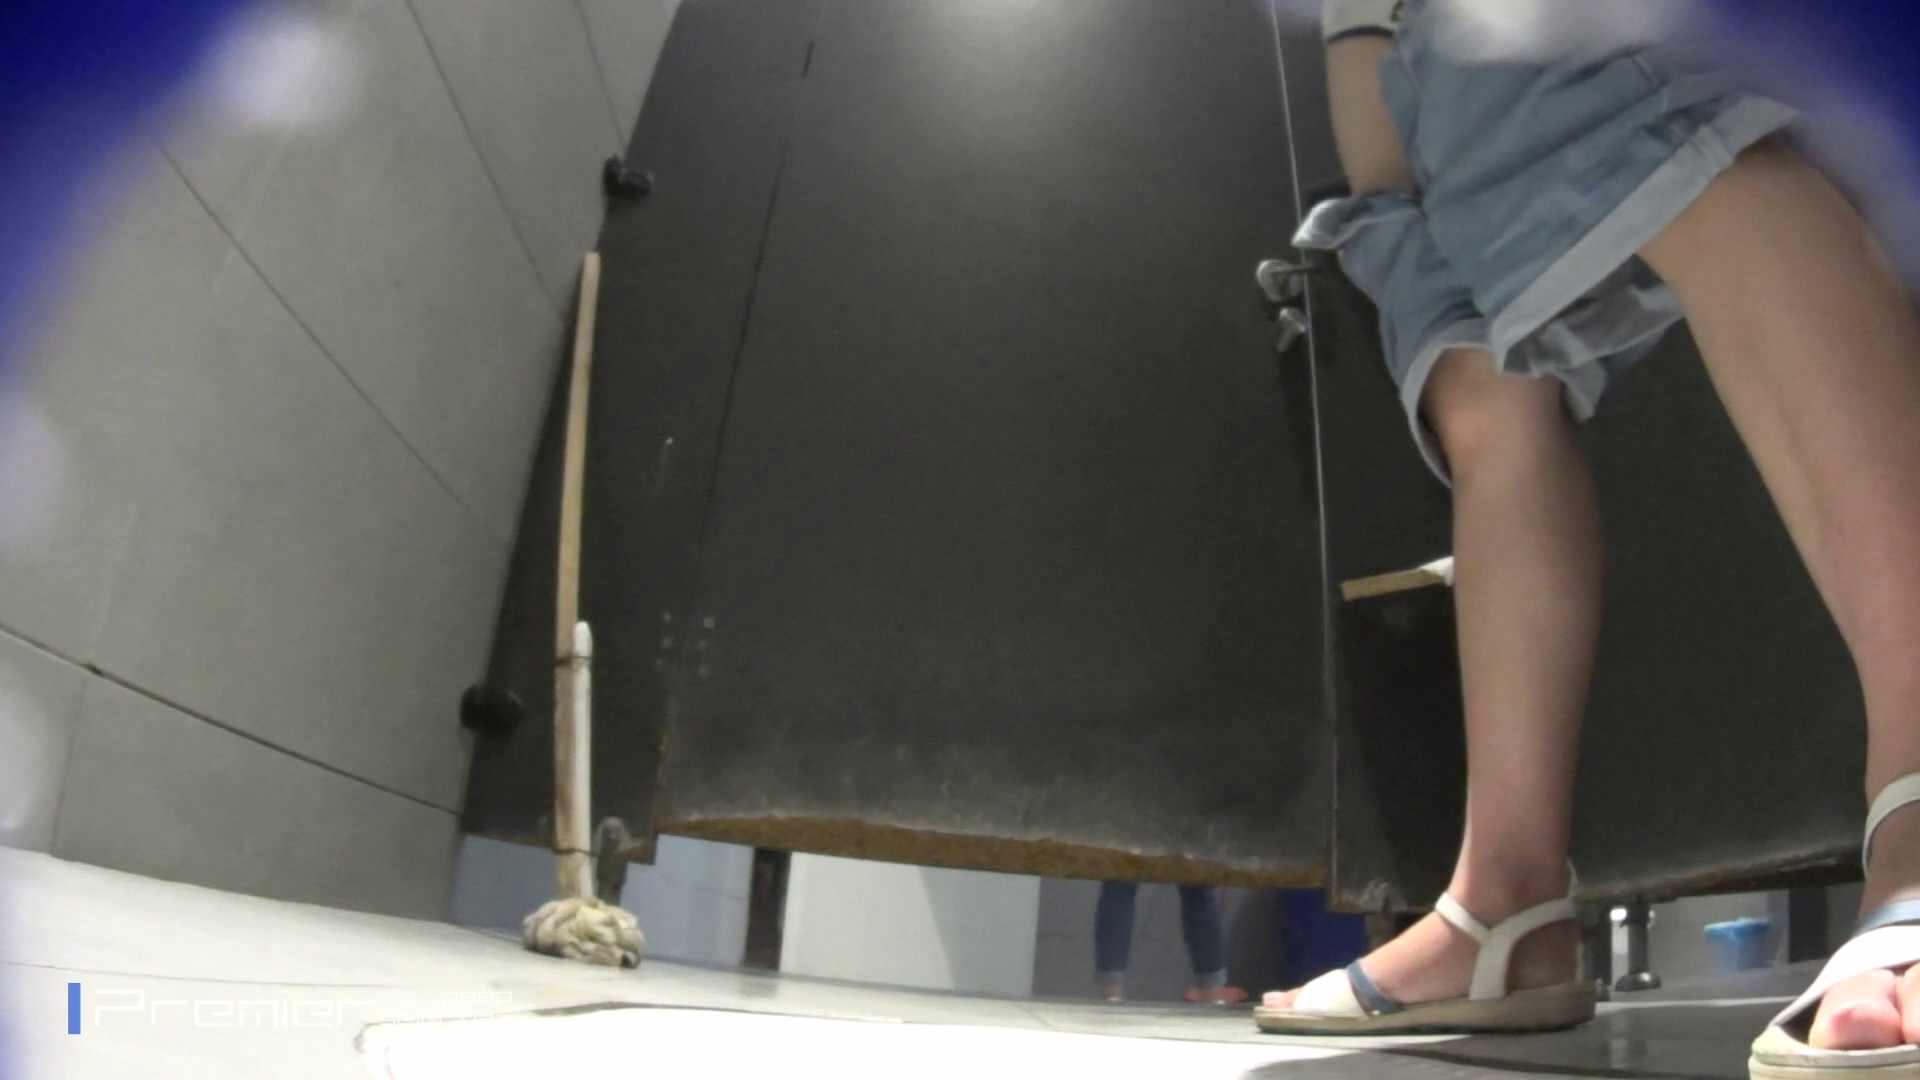 個室のドアを開けたまま放nyoする乙女 大学休憩時間の洗面所事情85 洗面所 | 細身  96画像 24